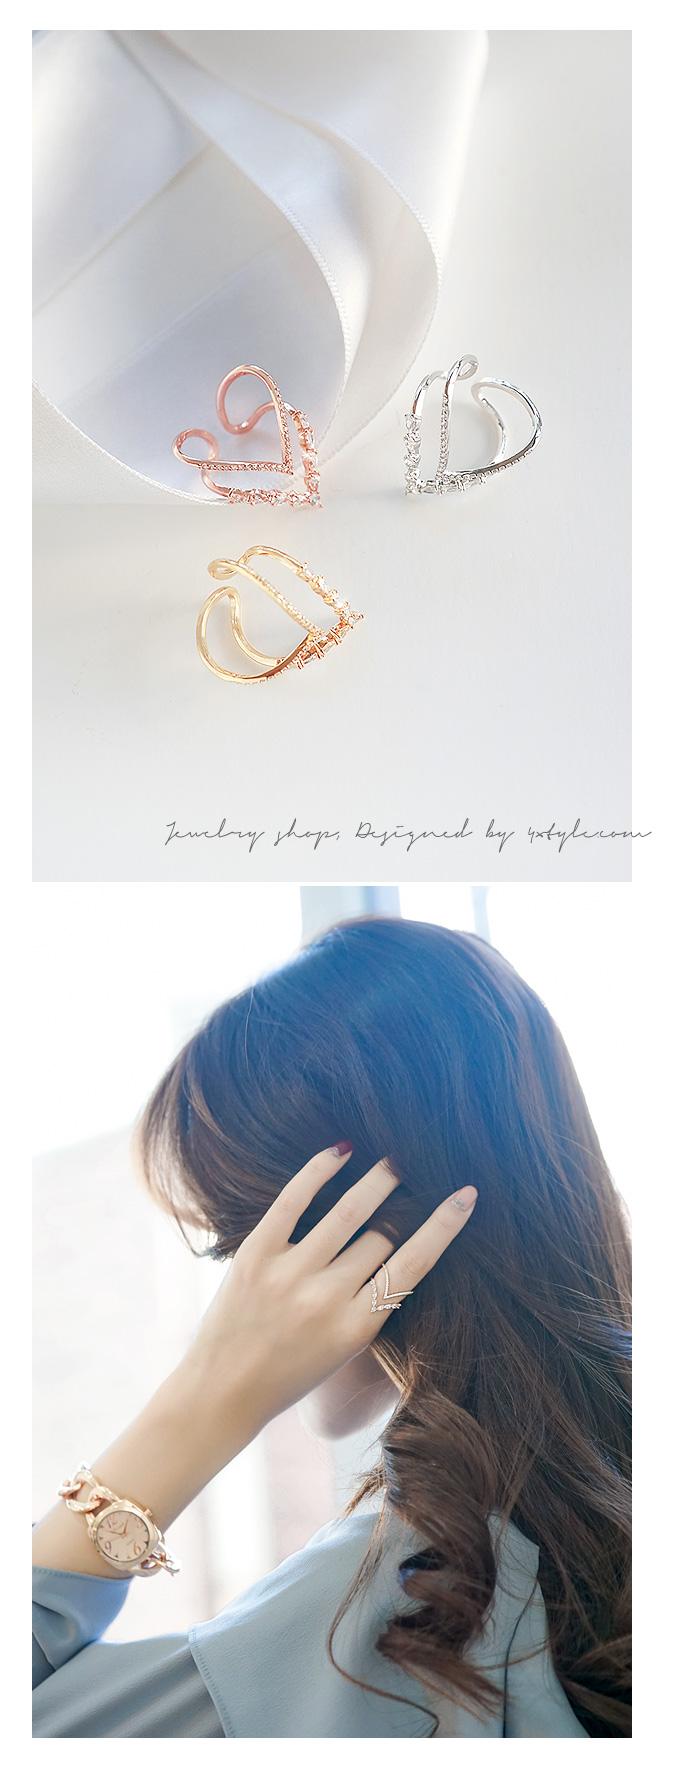 [ 4xtyle ] Berite Doubleline Ring, 3 Colors